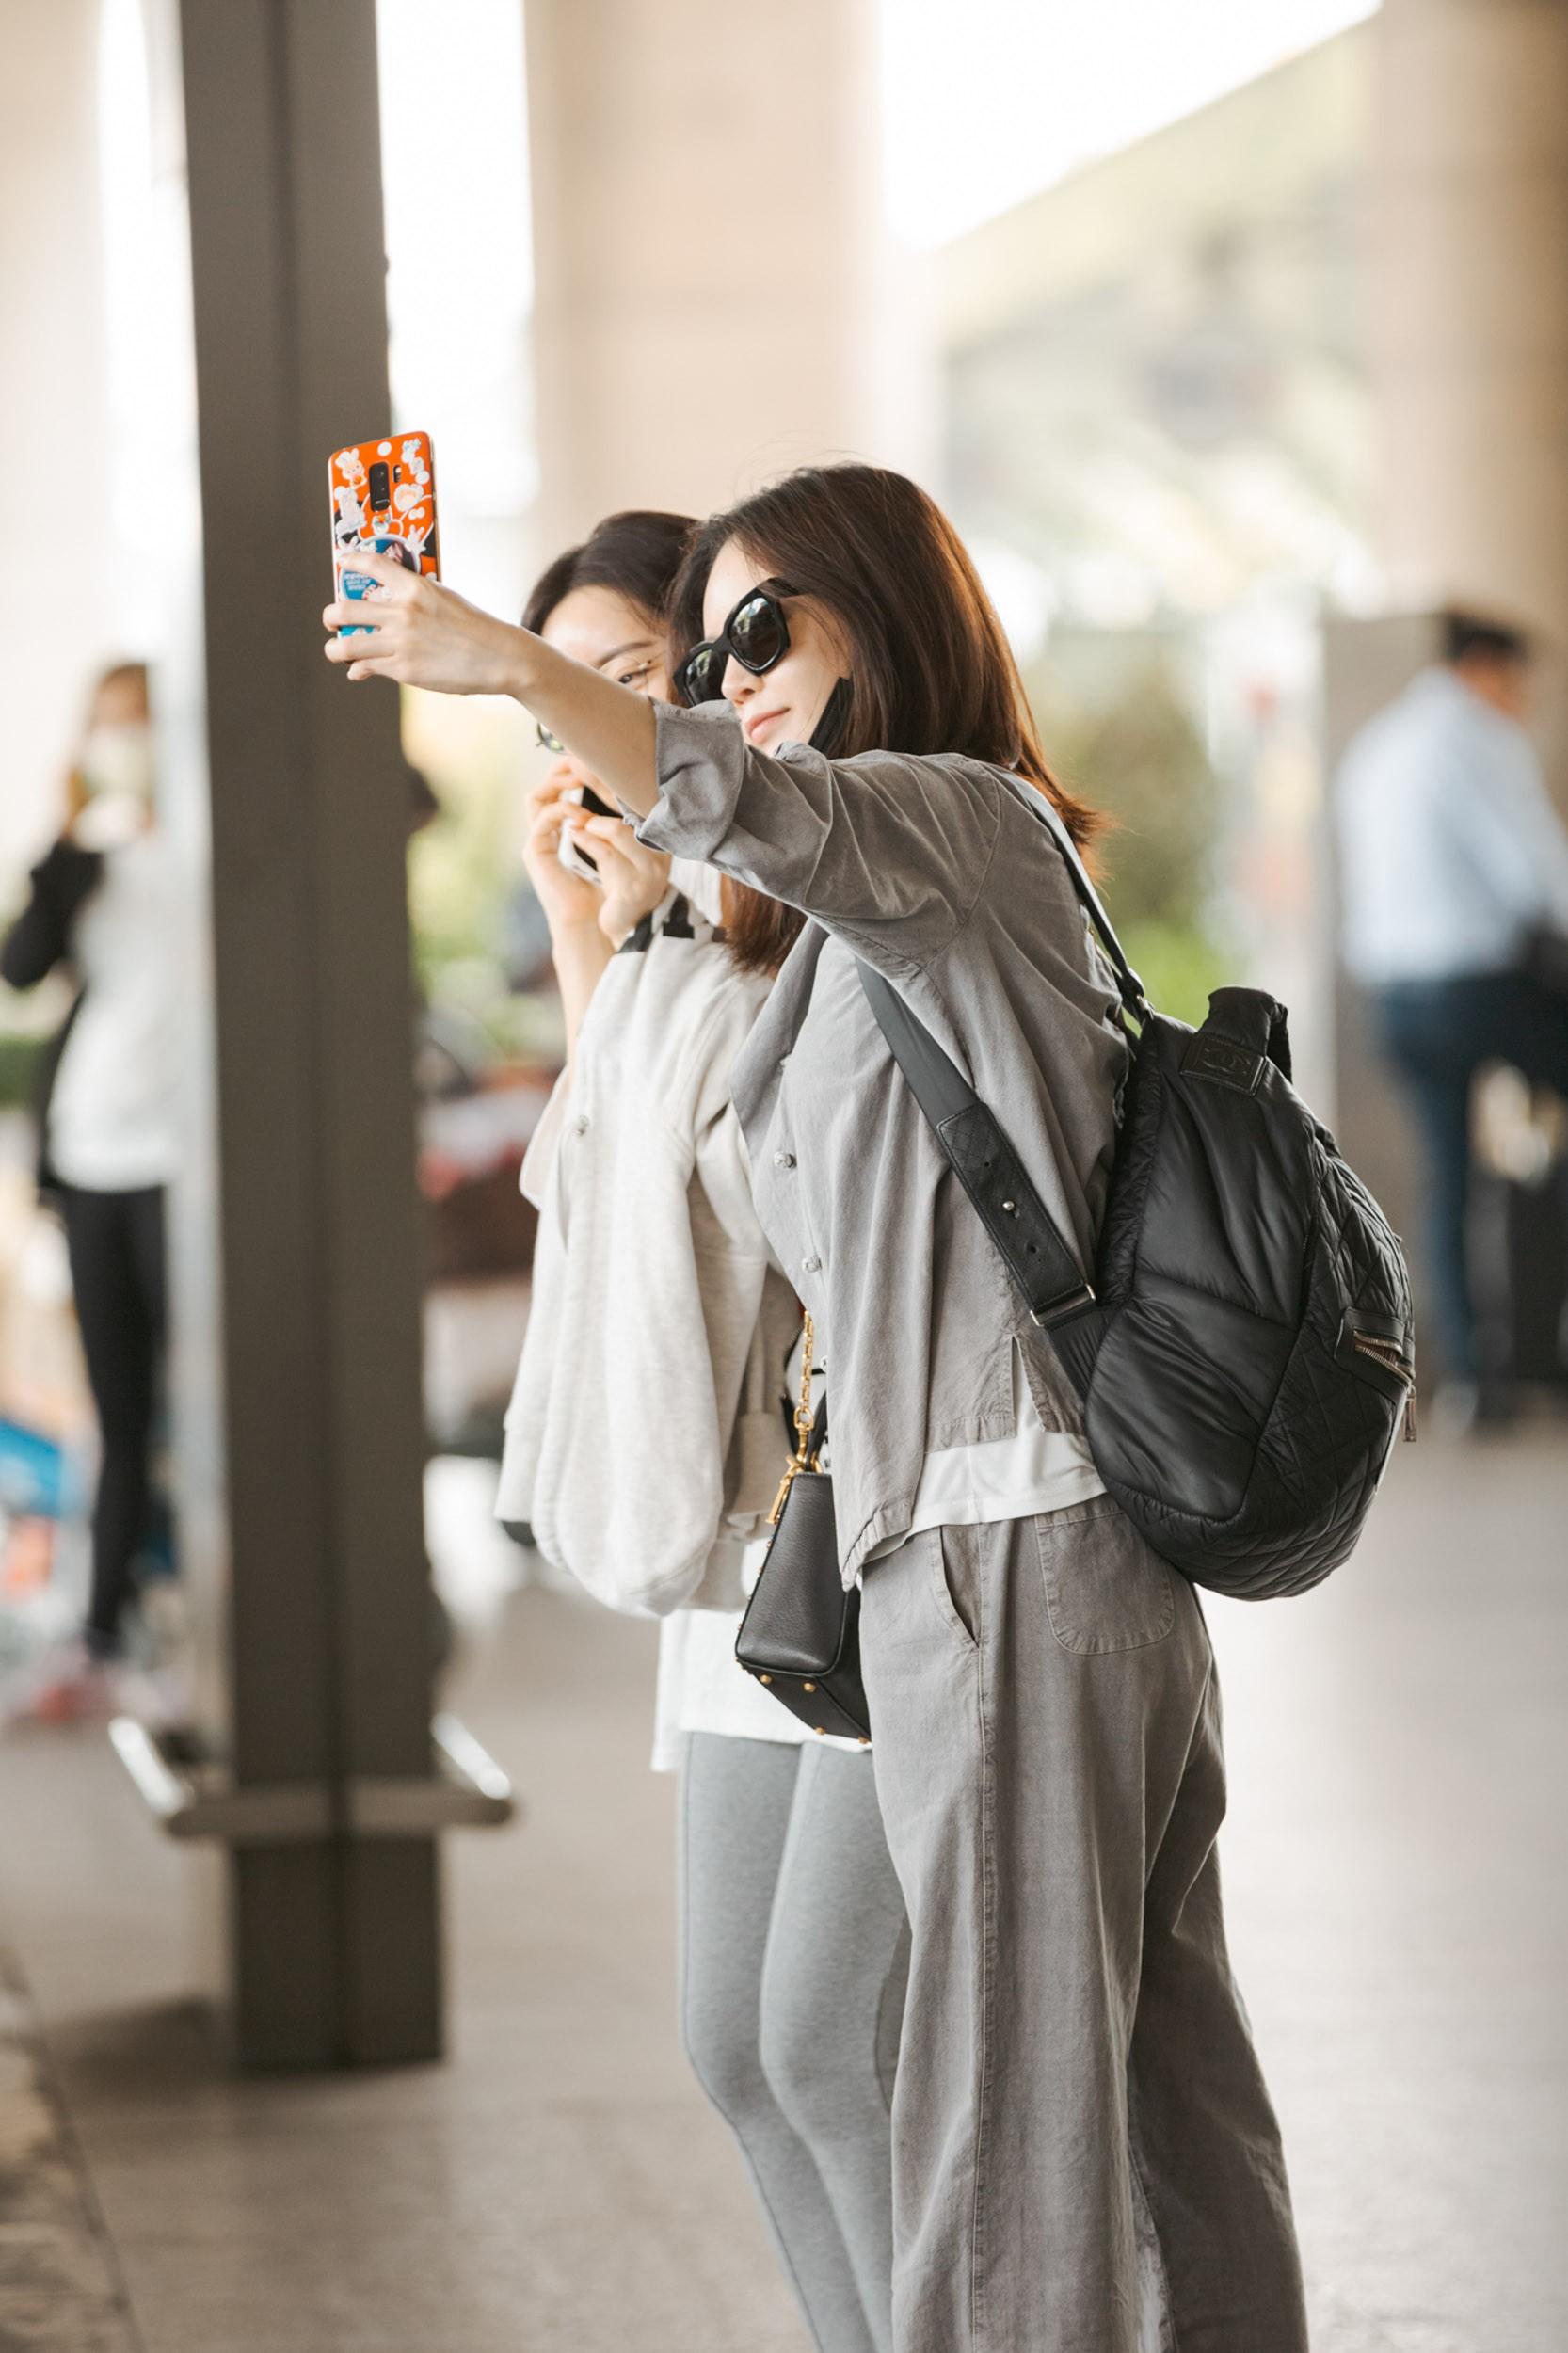 Phạm Băng Băng xứ Hàn mặt mộc quá đỉnh, cặp đôi tài tử Jumong vừa chia tay đã sóng đôi tại sân bay Tân Sơn Nhất - Ảnh 4.